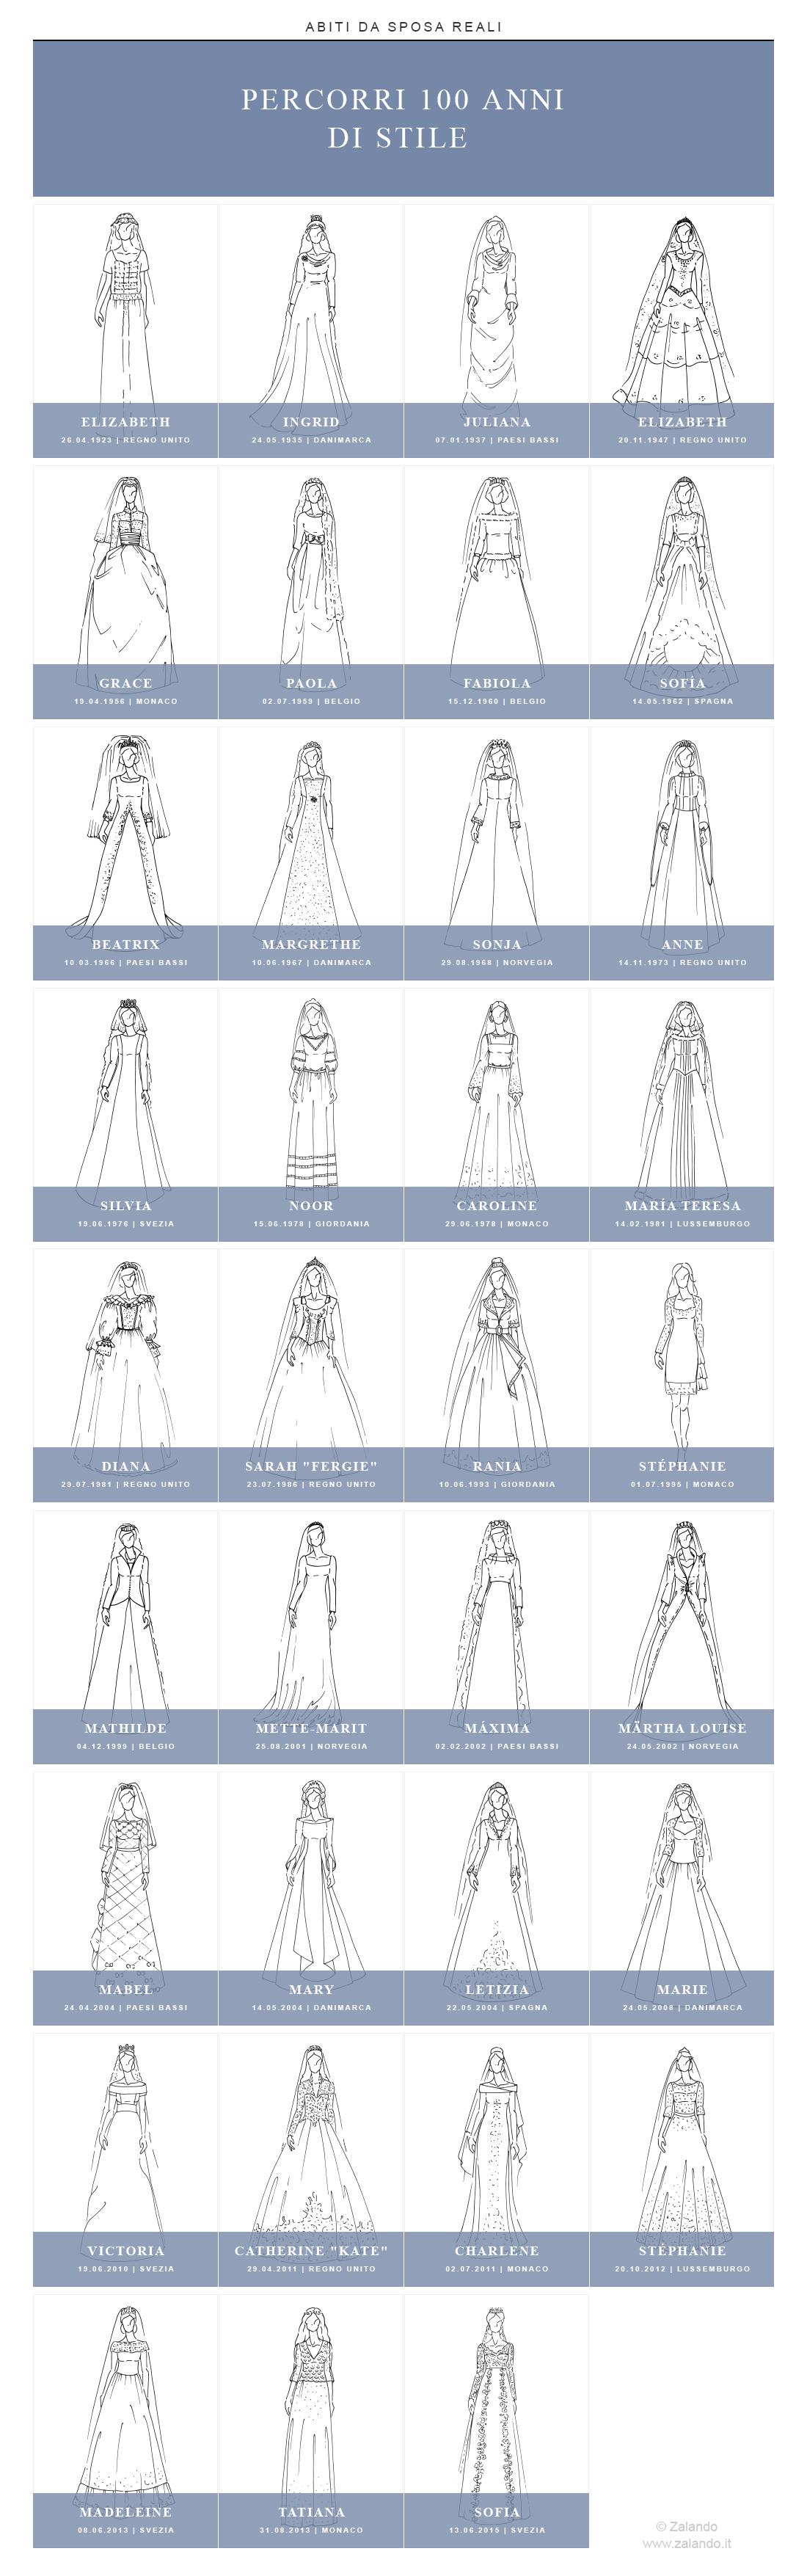 ZALANDO presenta 100 anni di abiti da sposa reali